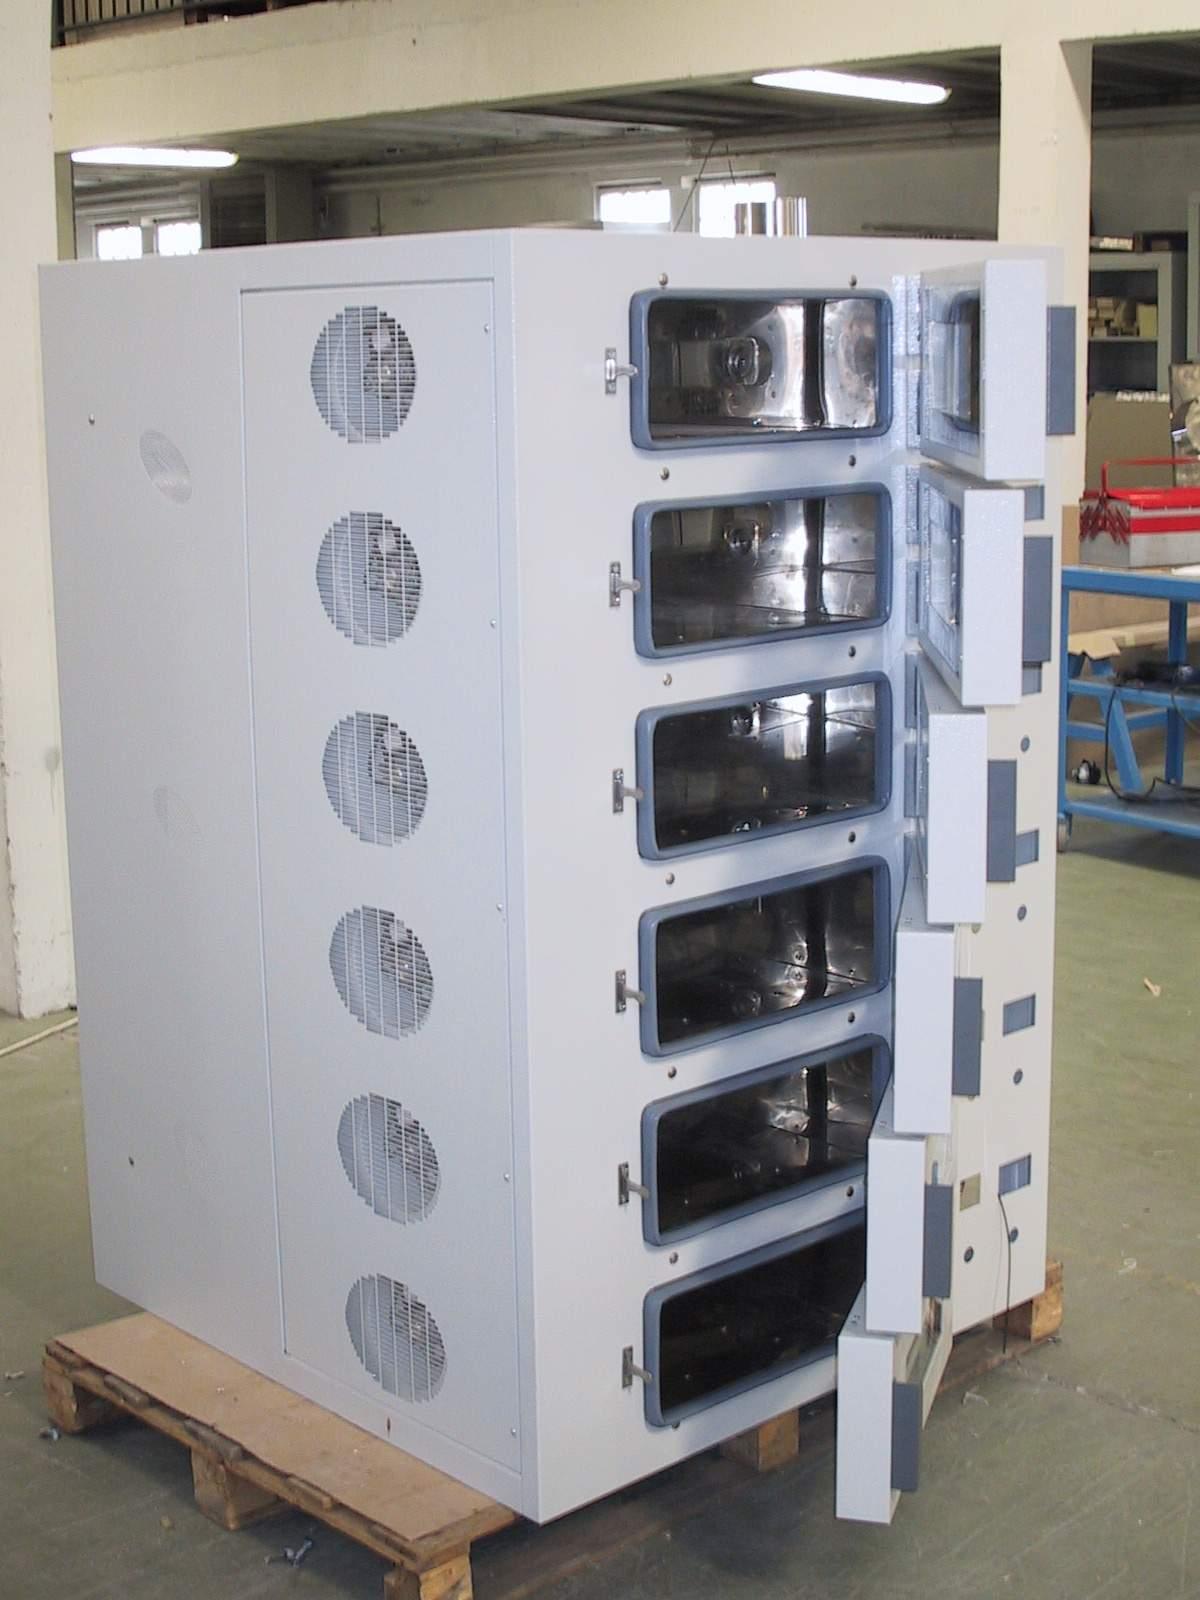 倍耐尔特科技(深圳)有限公司 --> 更新日期:2018/7/10 所 在 地:中国大陆 产品型号:WXL3500-230 简单介绍:WXL3500-230型工业烘箱制造工艺:烤箱设计完美,箱体采用数控机床加工成型,并采用自动弹簧锁扣型门锁,操作容易。保温系统采用岩棉填充保温区,内胆焊接处采用密集点焊成型,有效避免岩棉内的纤维进入内腔,以保证内腔的空气不受污染,维持应有的洁净度.